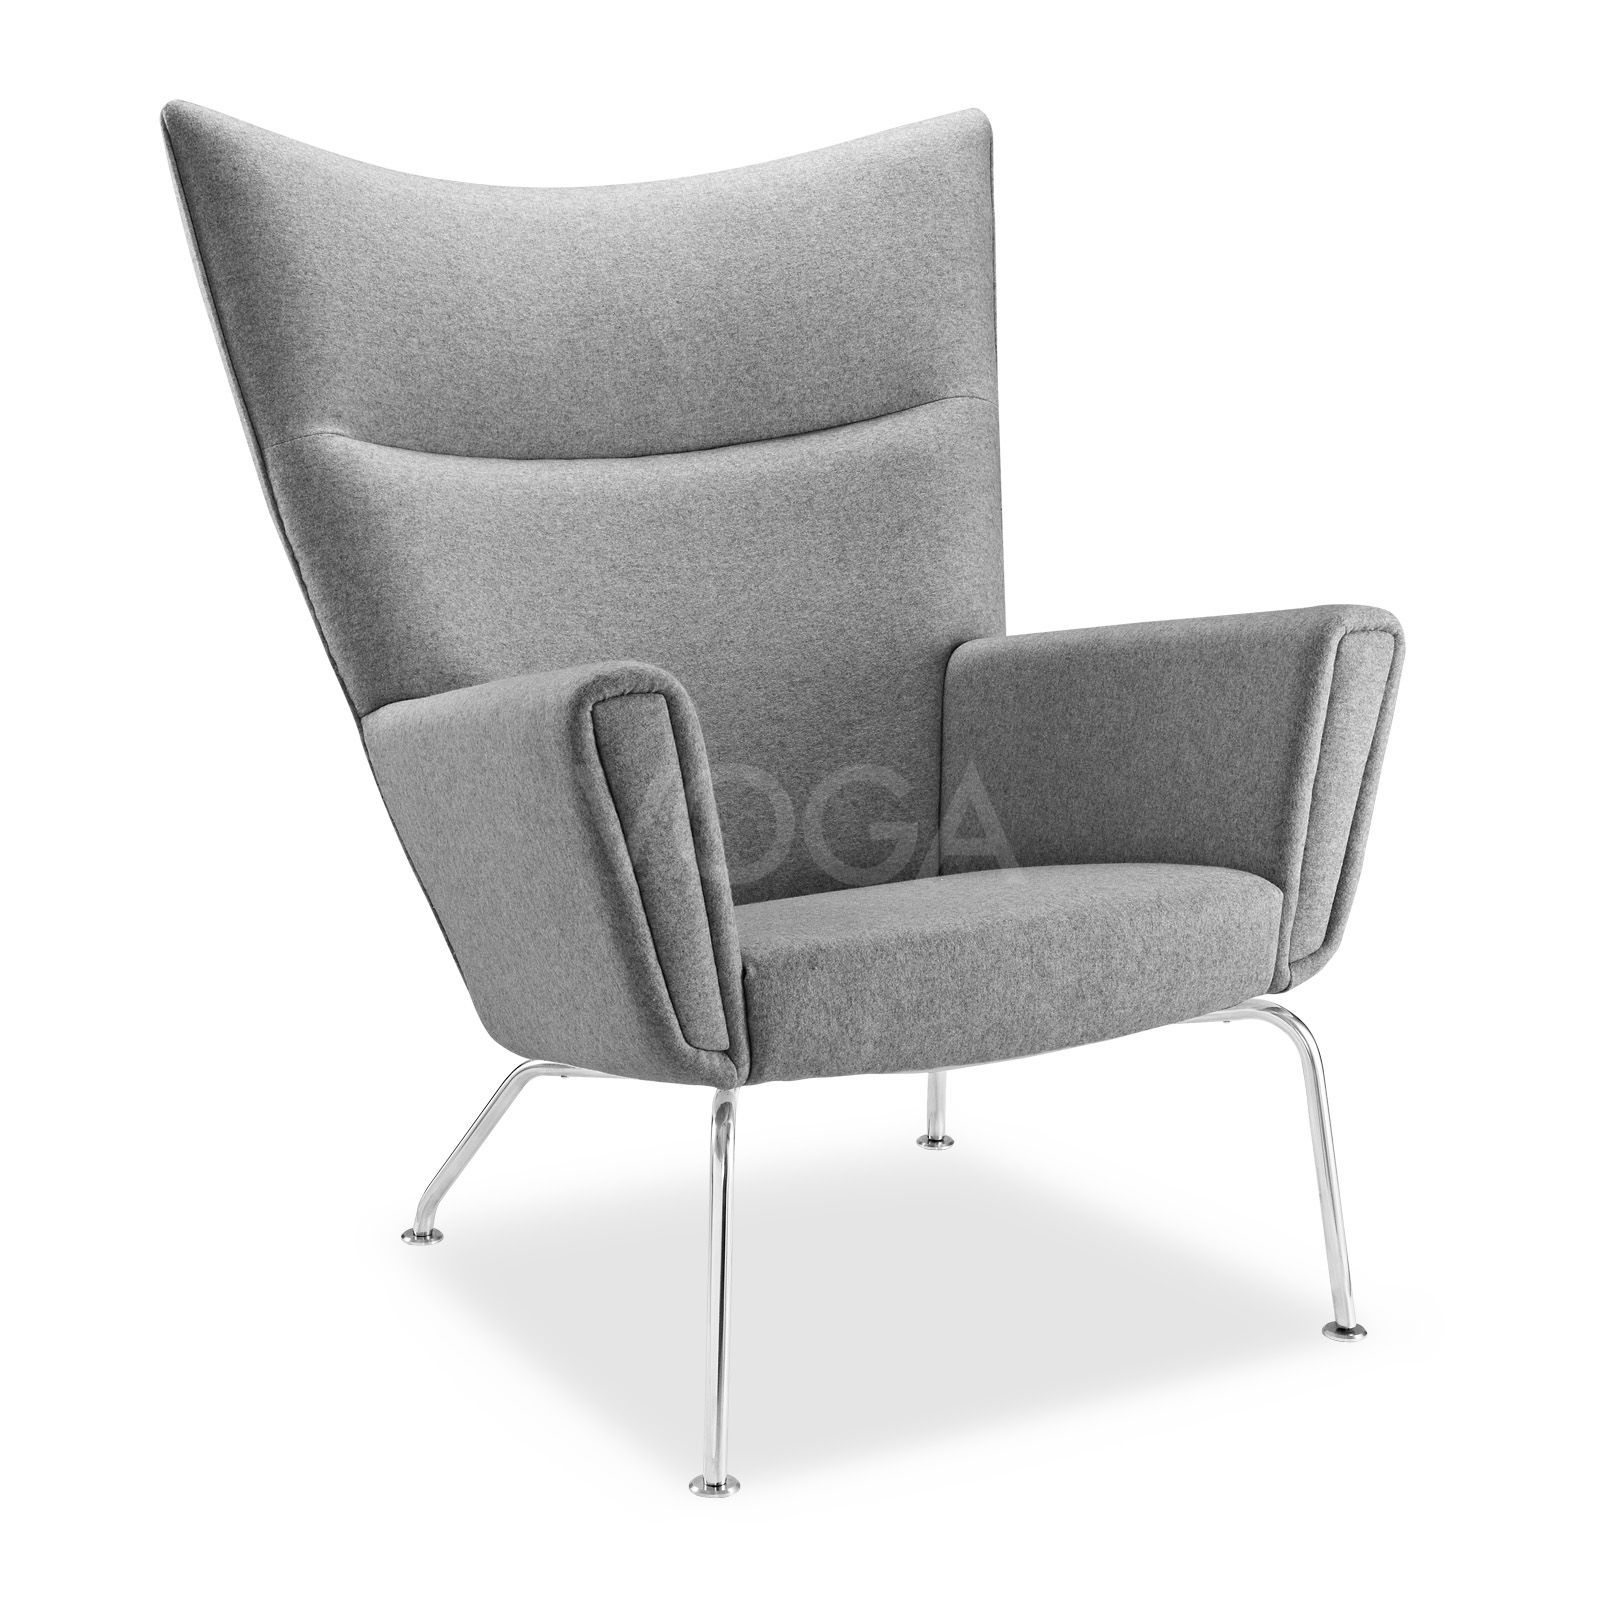 Vingestol Hans J Wegner Designstoler Voga Chairs